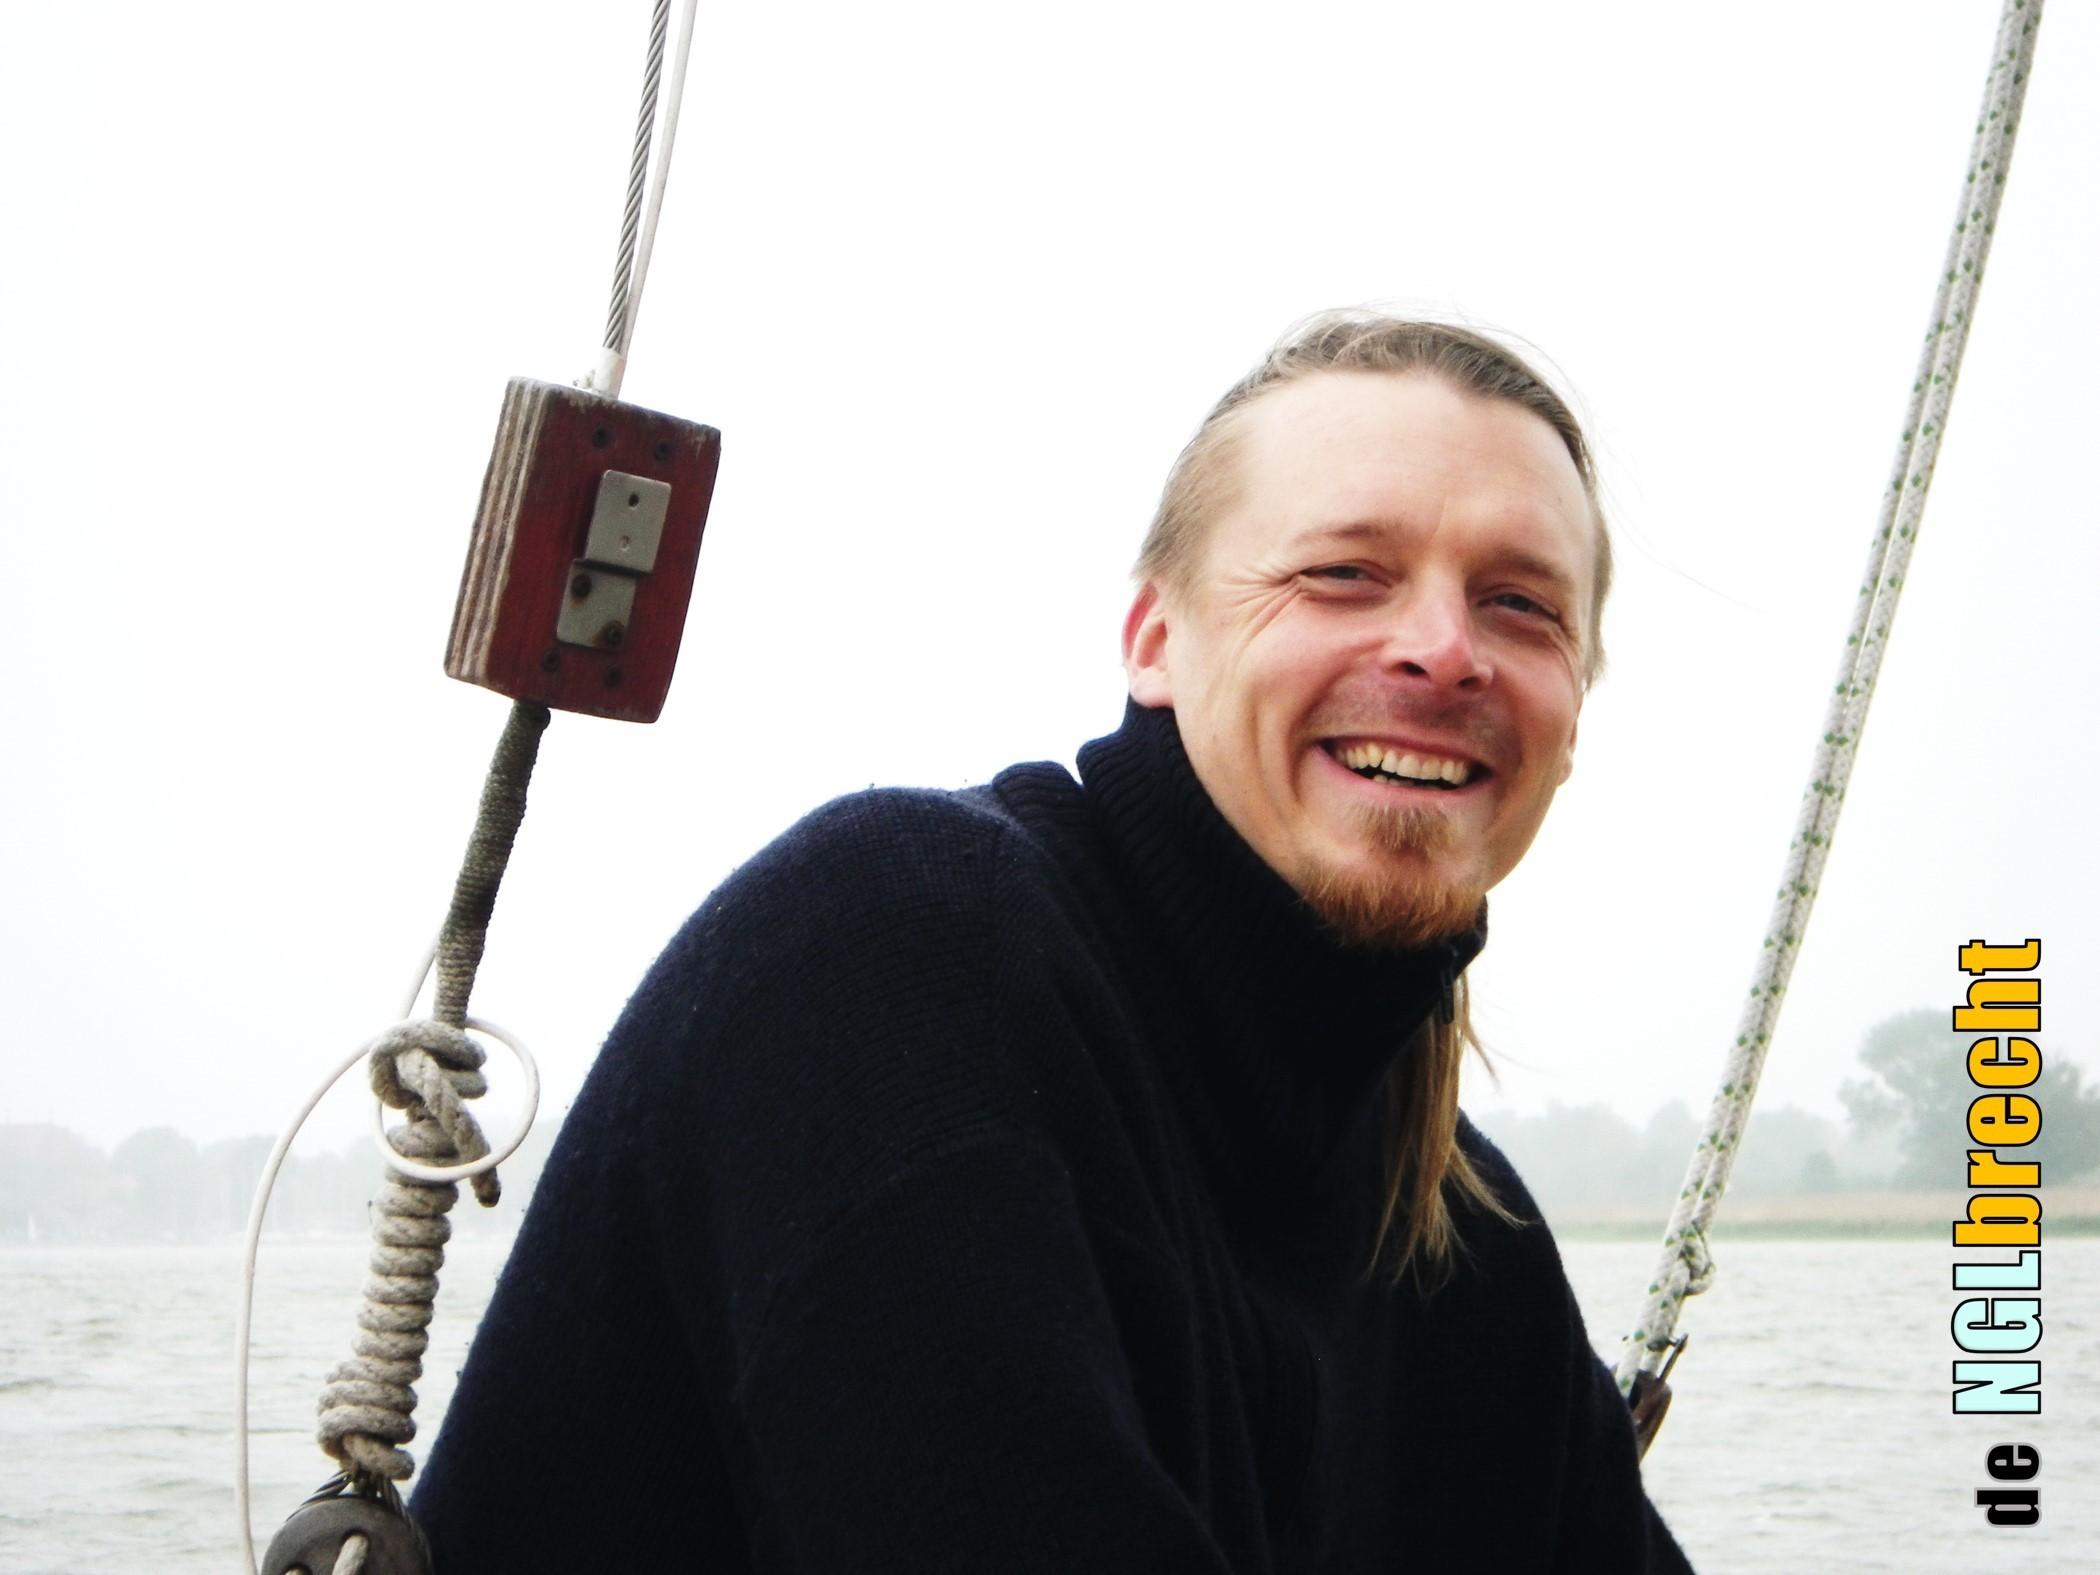 Diakon Lars Engelbrecht